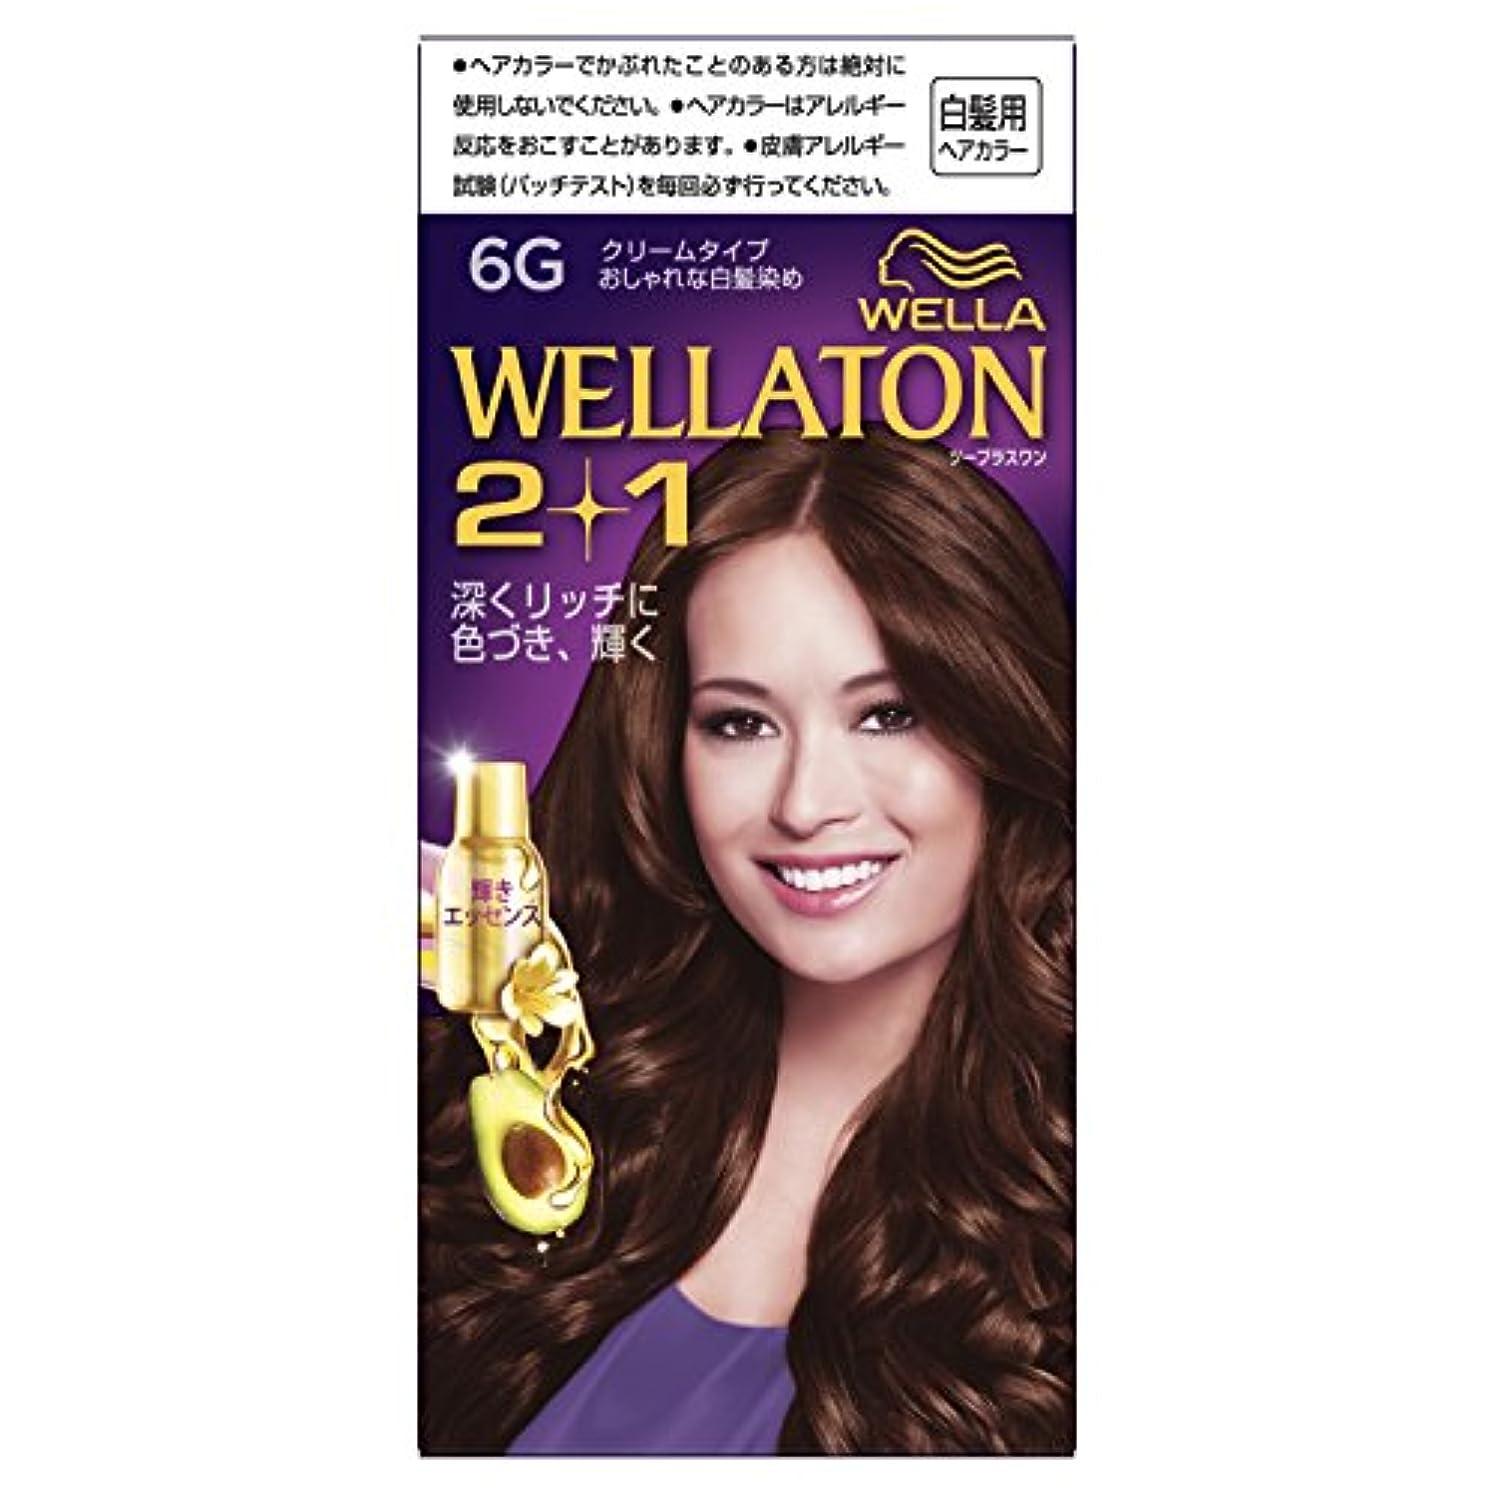 ドリル感情のつなぐウエラトーン2+1 クリームタイプ 6G [医薬部外品](おしゃれな白髪染め)